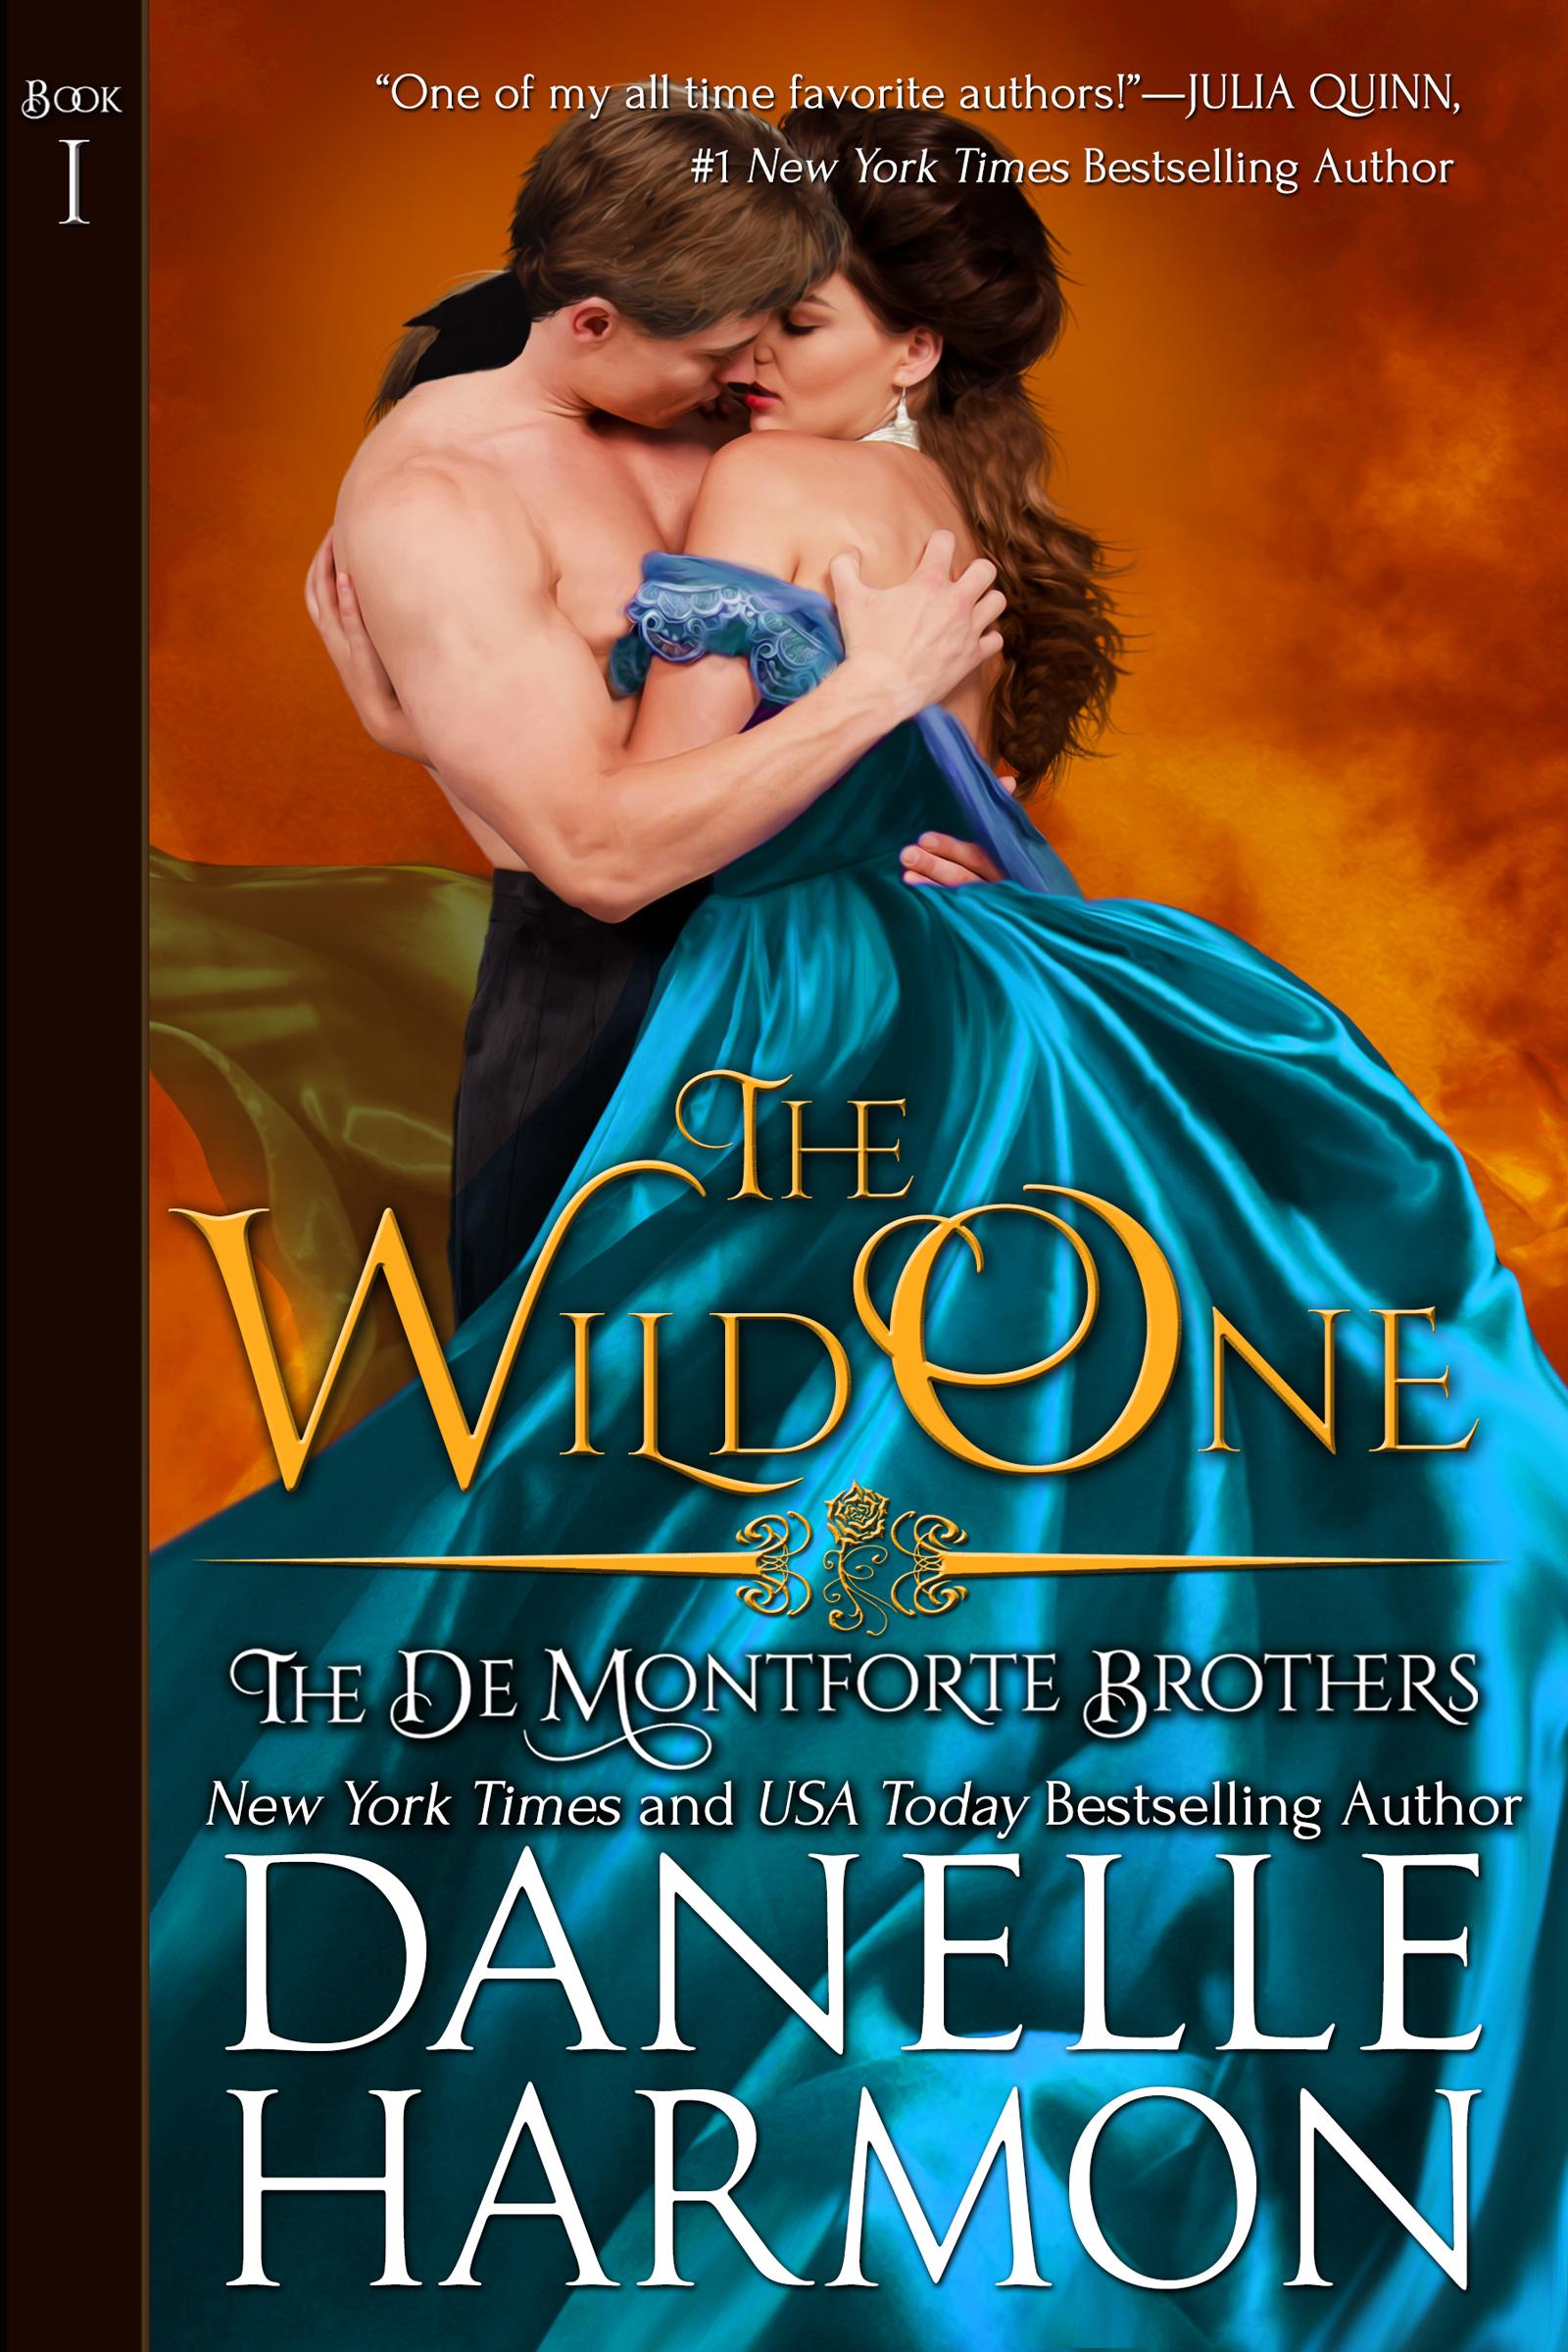 The de montforte series – full length novels – danelle harmon.